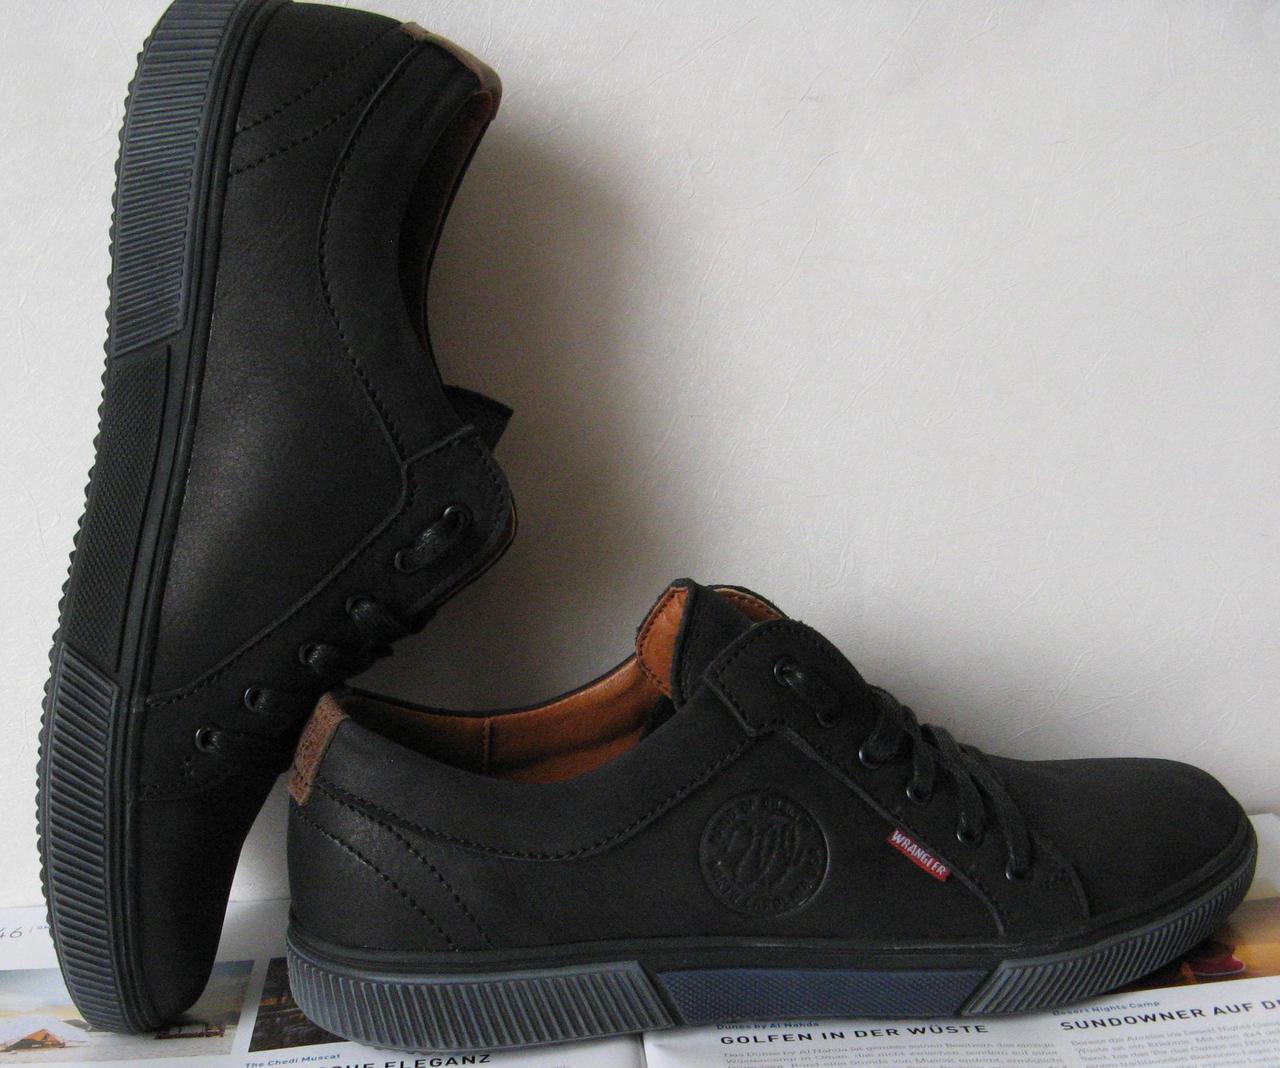 20aa1f2916d8 Мужские кеды весна осень обувь 2018 кожаные туфли в стиле Вранглер ботинки  черные, Wrangler!